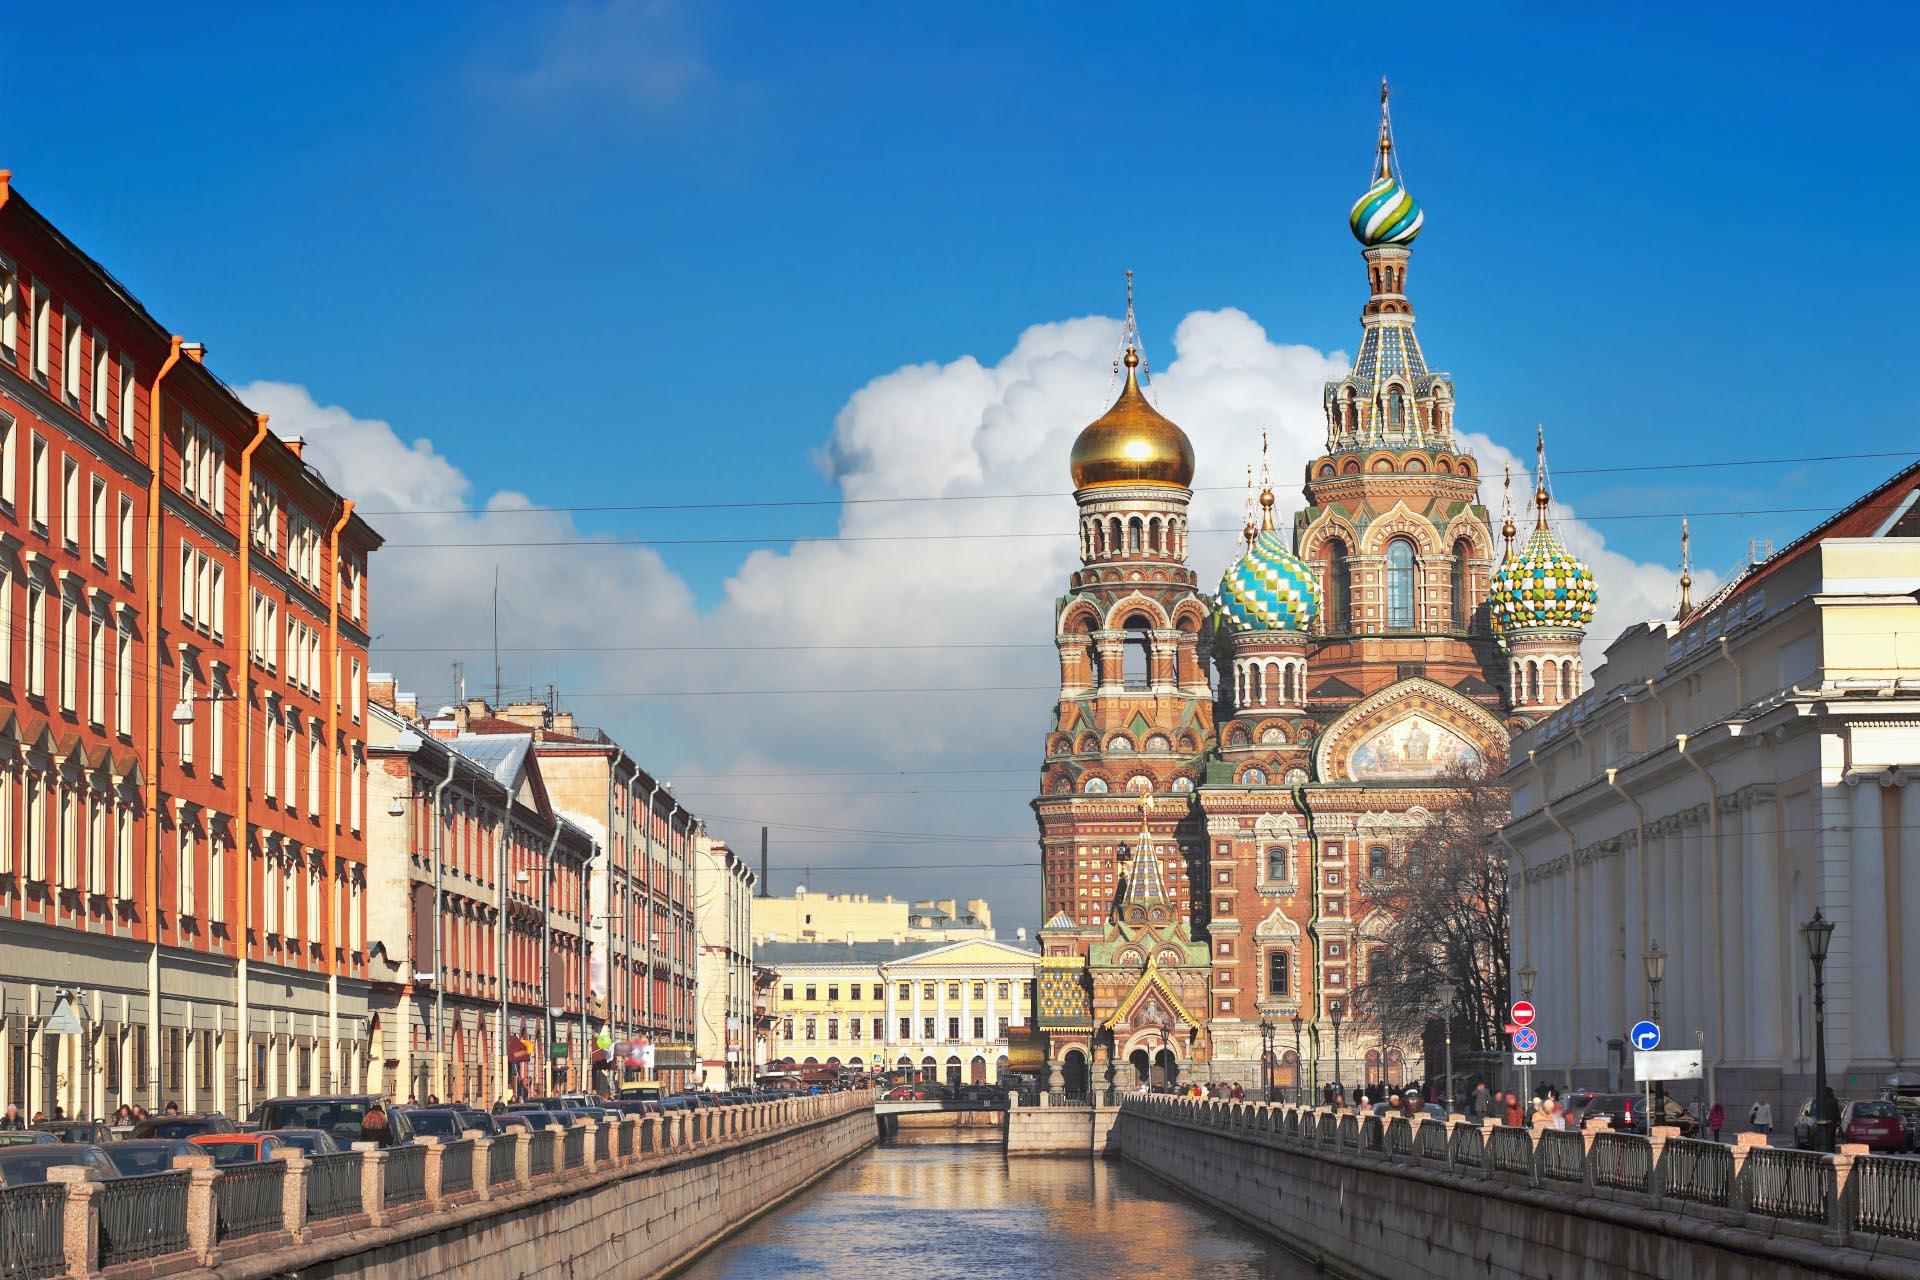 血の上の救世主教会 サンクトペテルブルク ロシアの風景